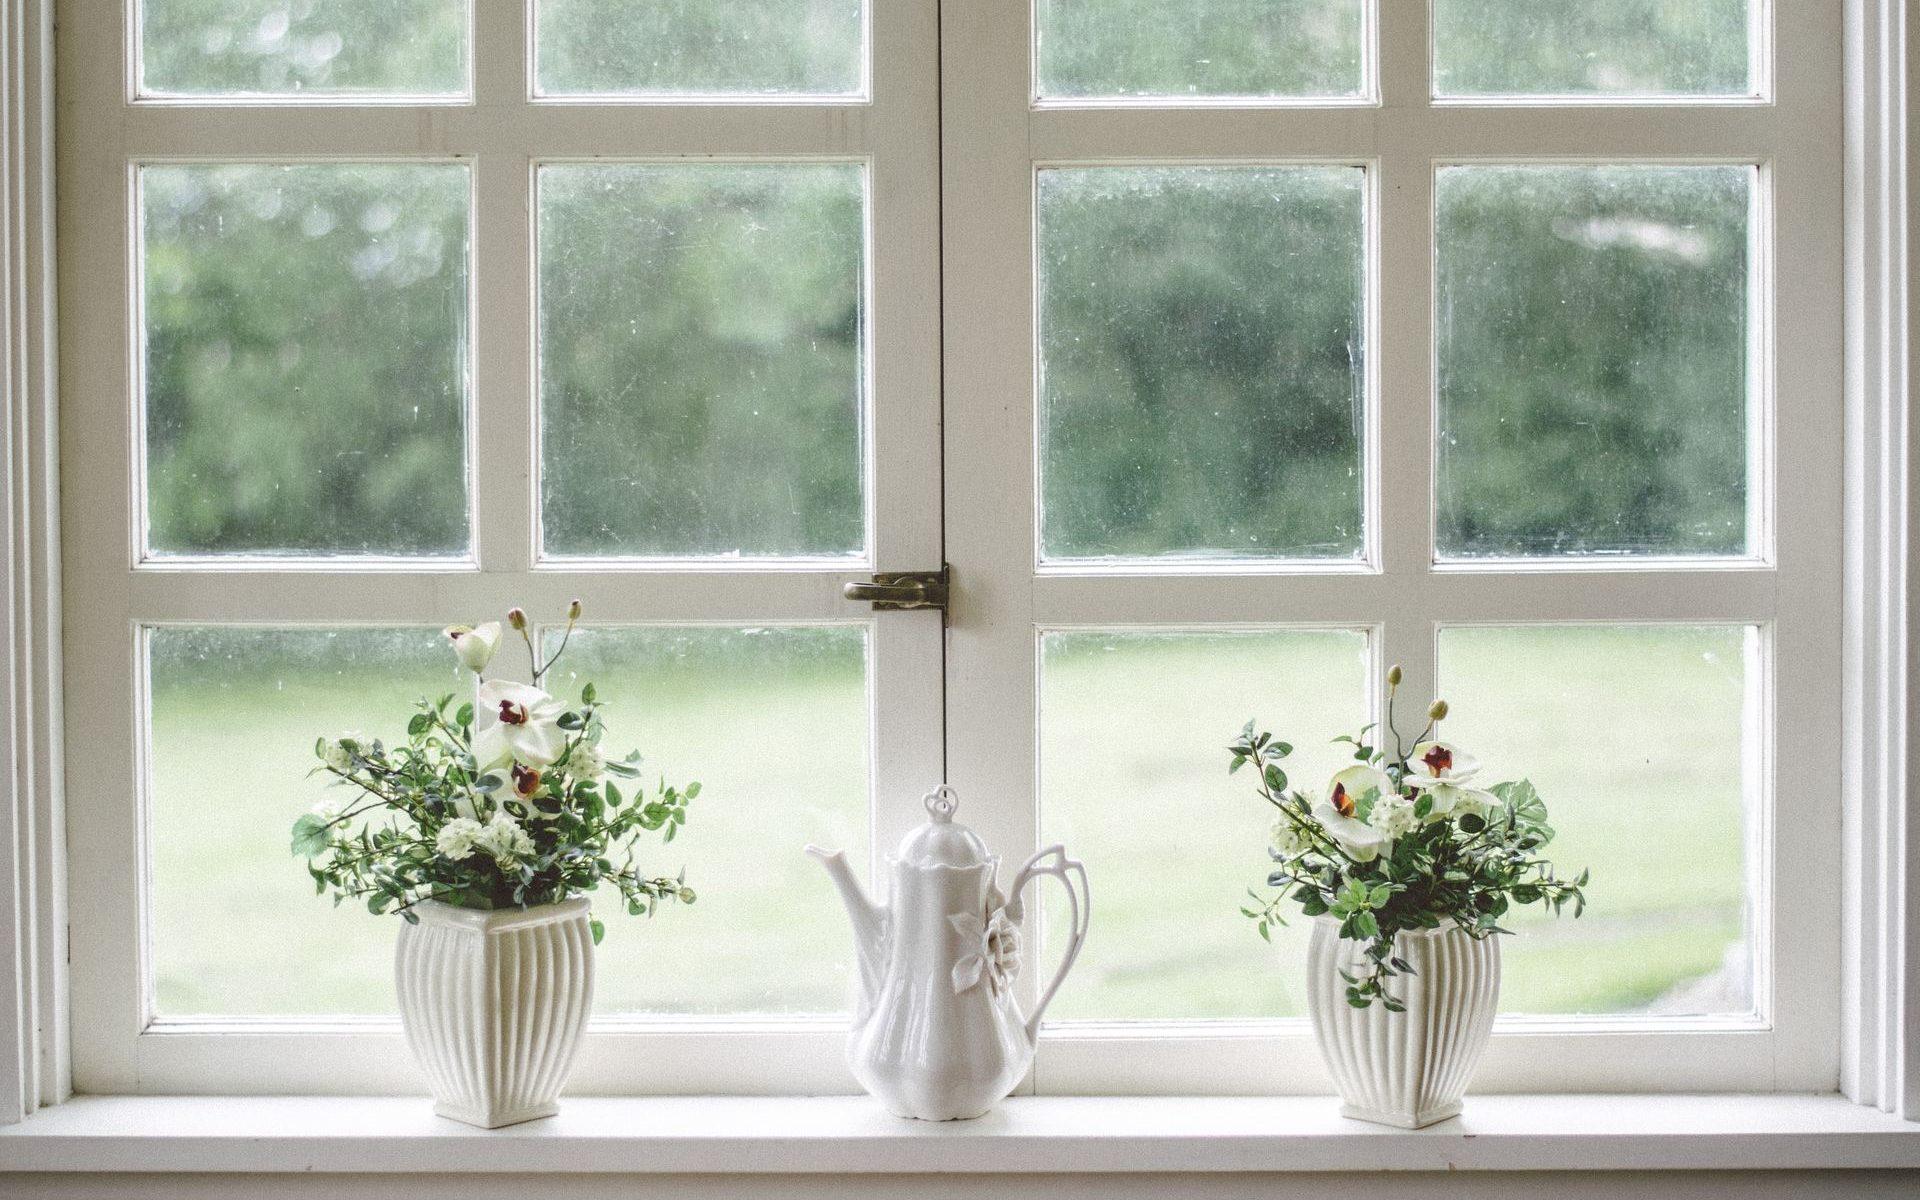 Aspekt ved renovering: Udskiftning af vinduer